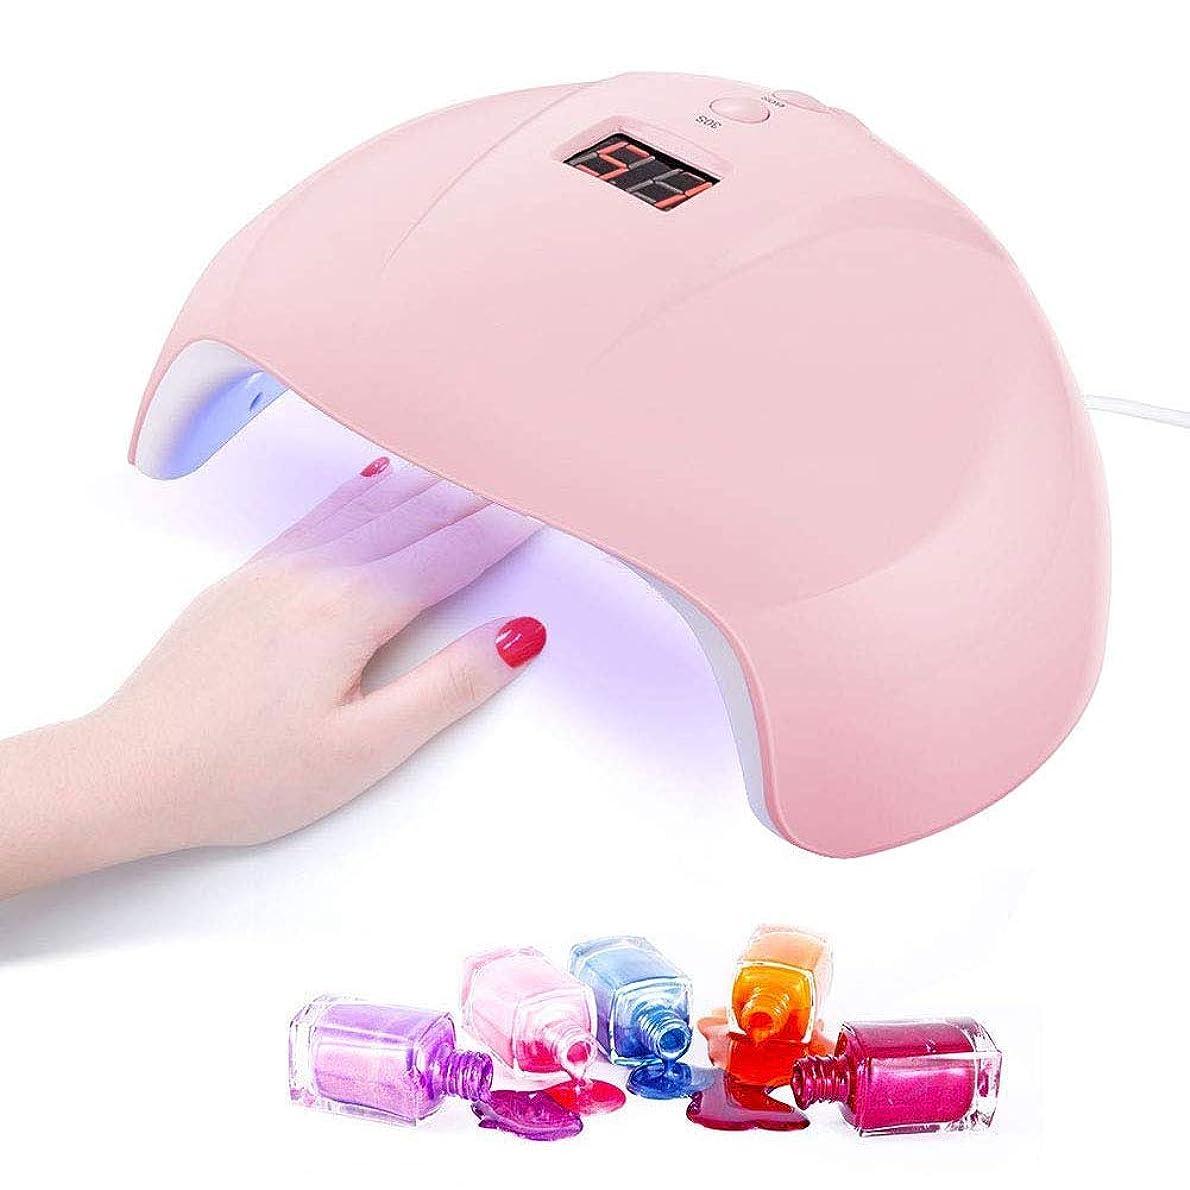 振る舞い故障政治家グレファイディンナイトライトネイルマシン36W 12 LED USB液晶ディスプレイUVネイルライトジェルポリッシュドライヤーマニキュアランプ - ピンク